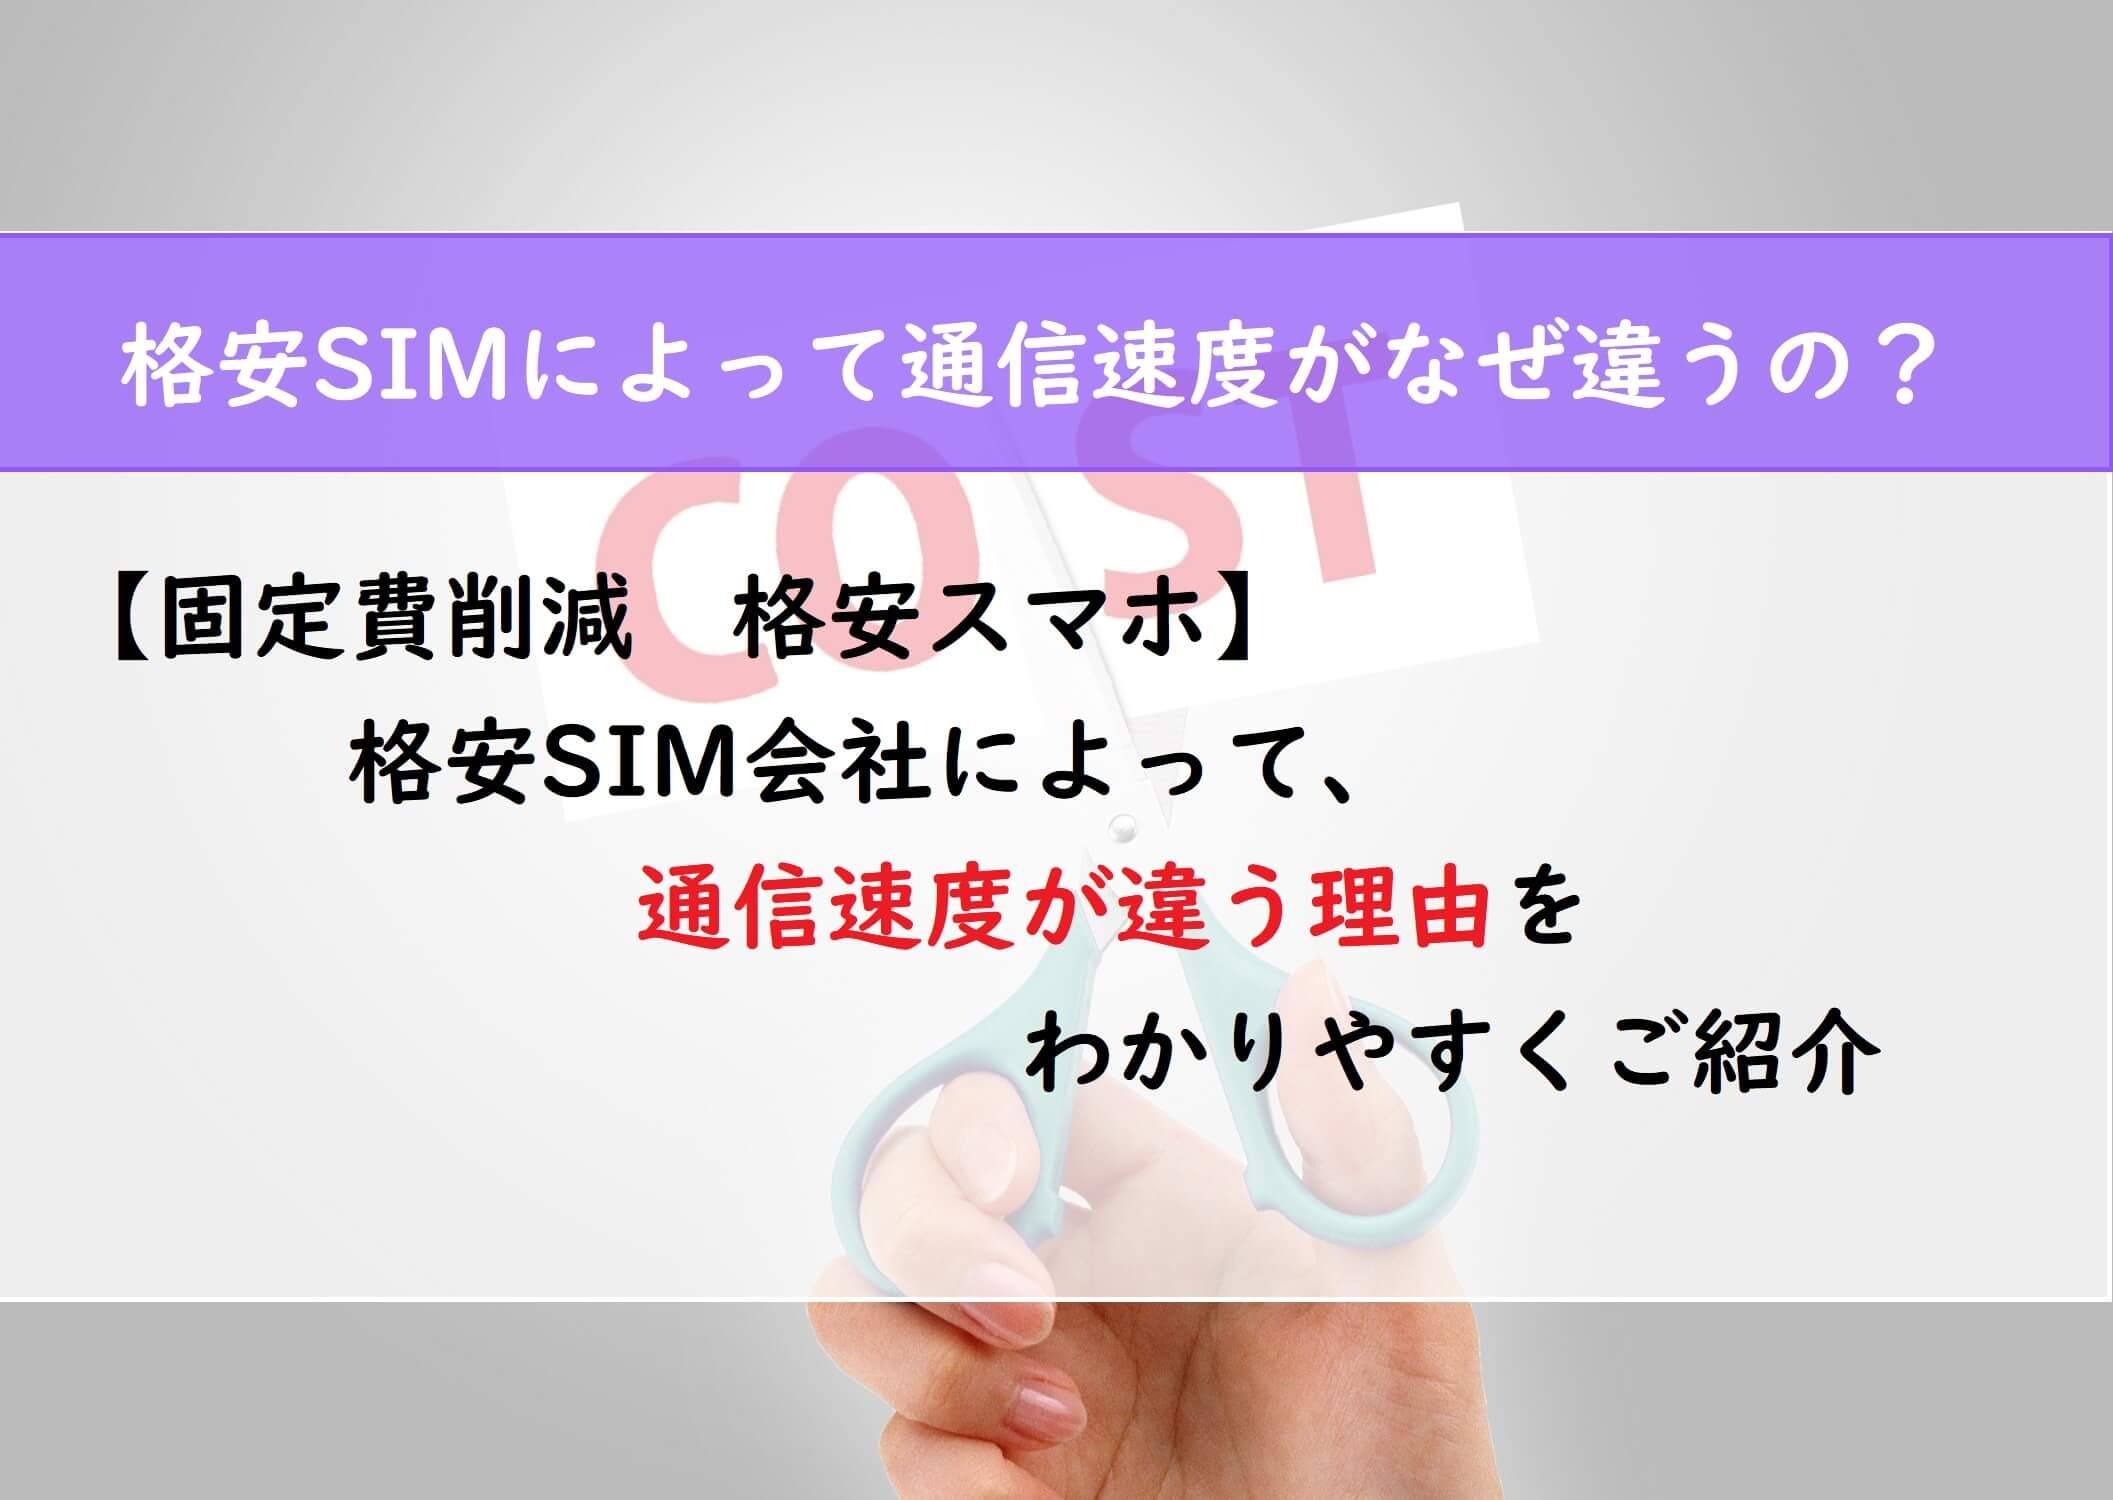 【固定費削減 格安スマホ】格安SIM会社によって通信速度が違う理由をわかりやすくご紹介